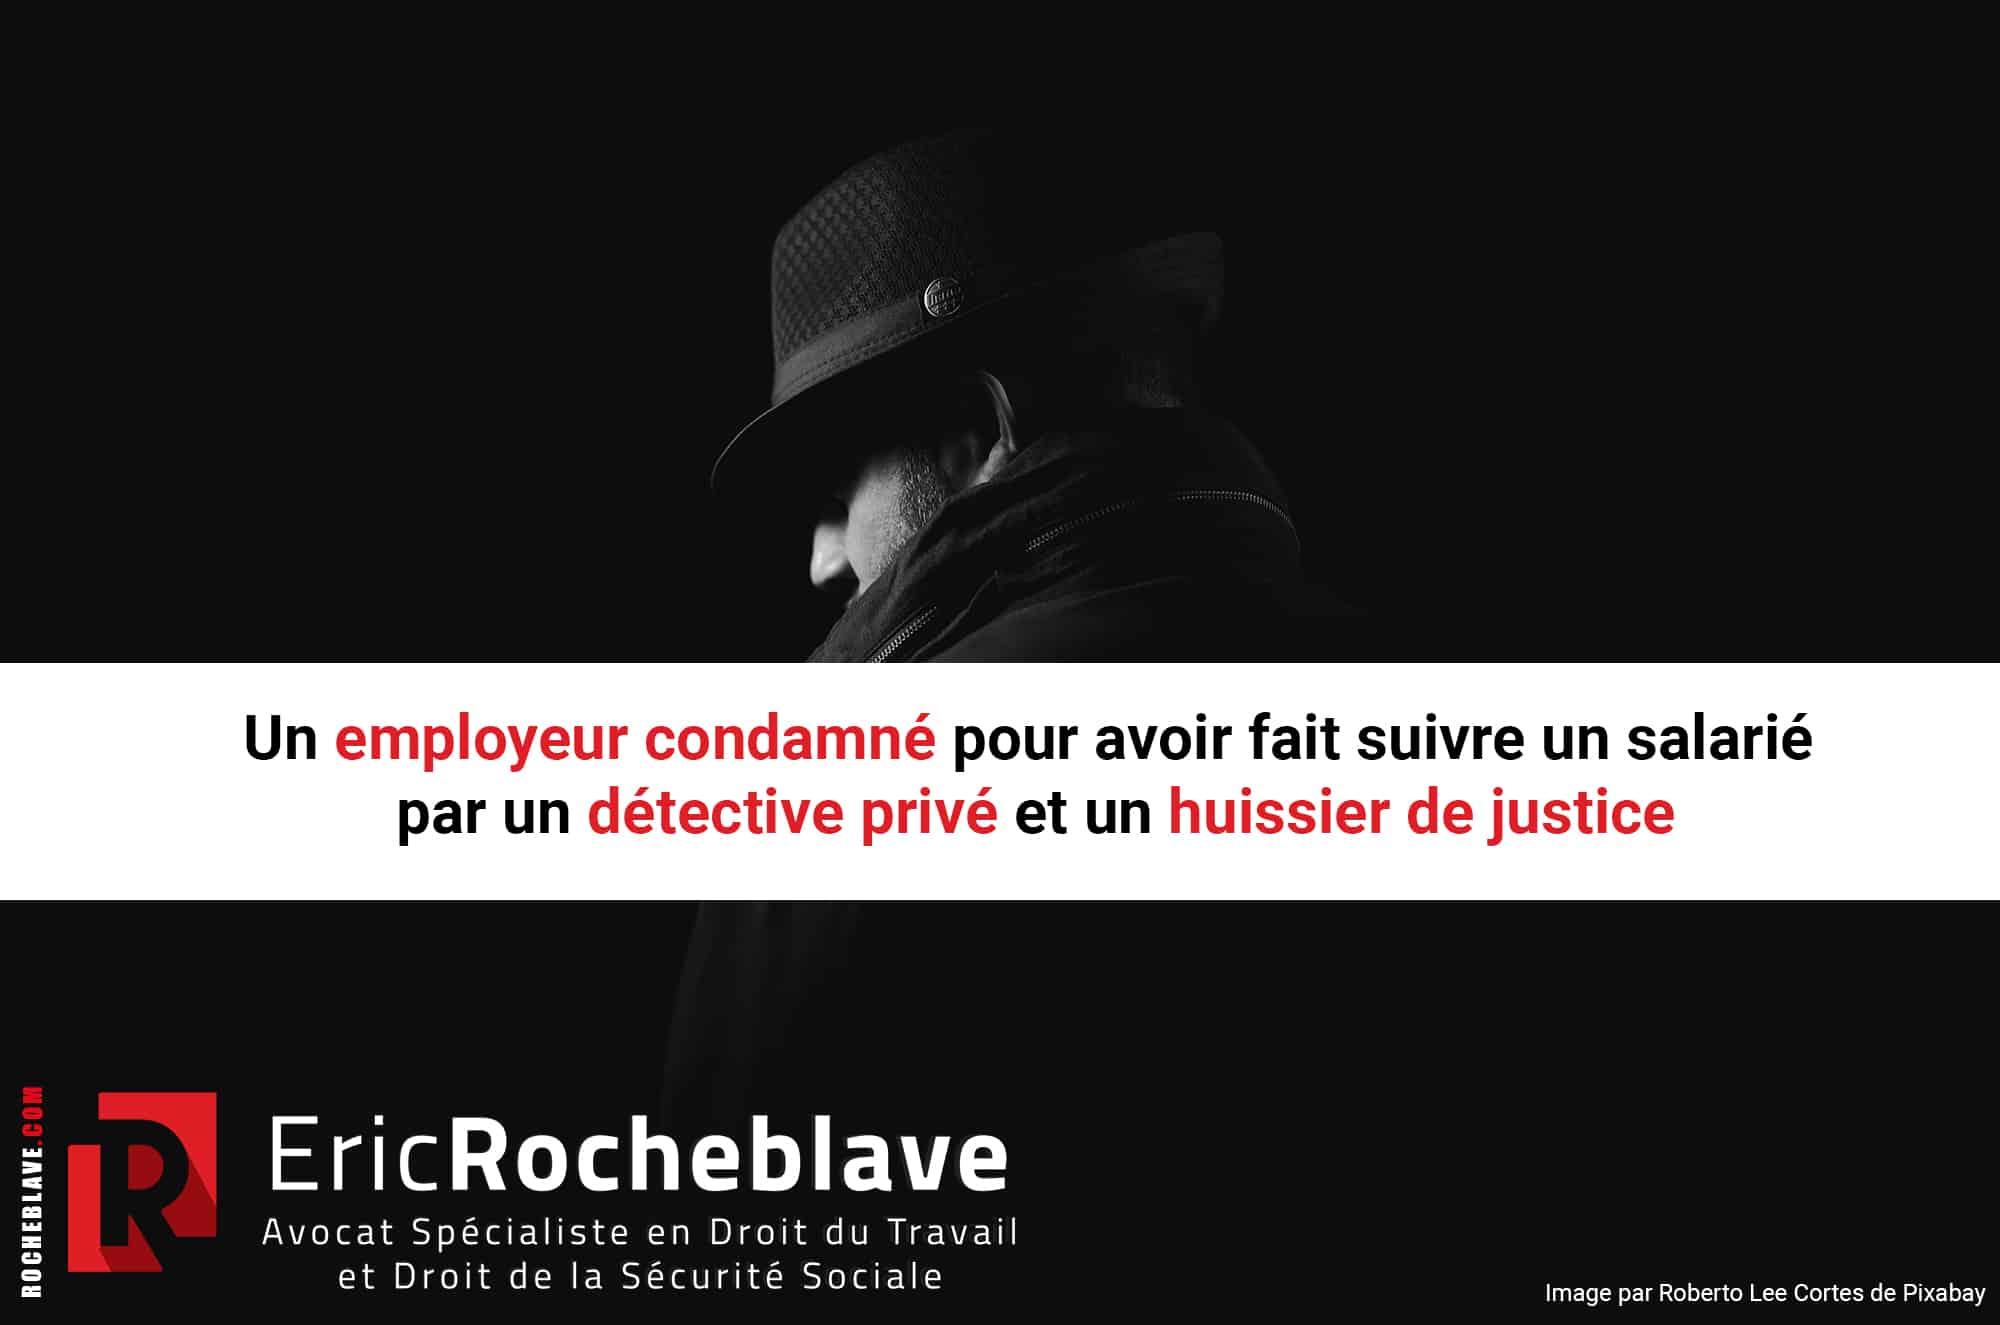 Un employeur condamné pour avoir fait suivre un salarié par un détective privé et un huissier de justice